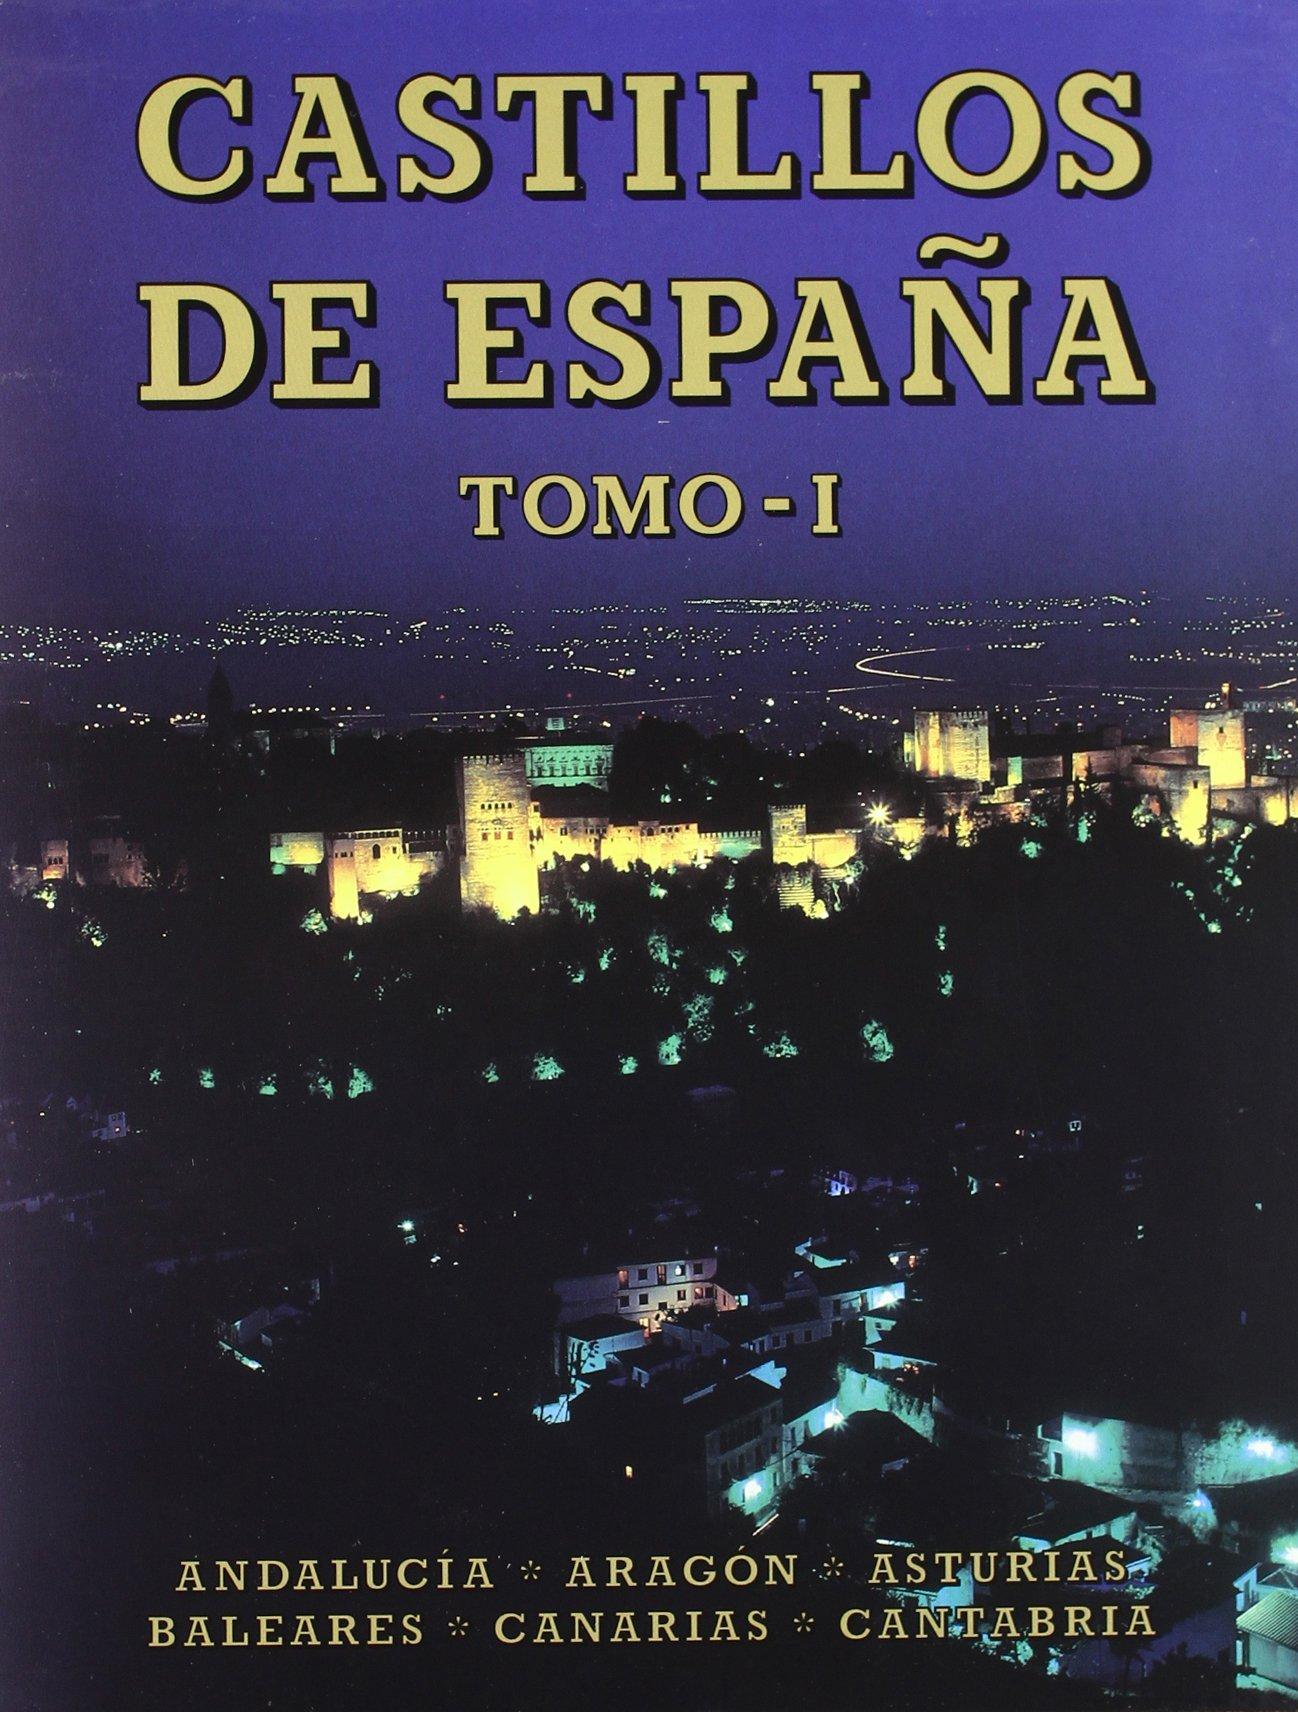 Castillos de España Tomo I: Andalucía, Aragón, Asturias, Baleares ...